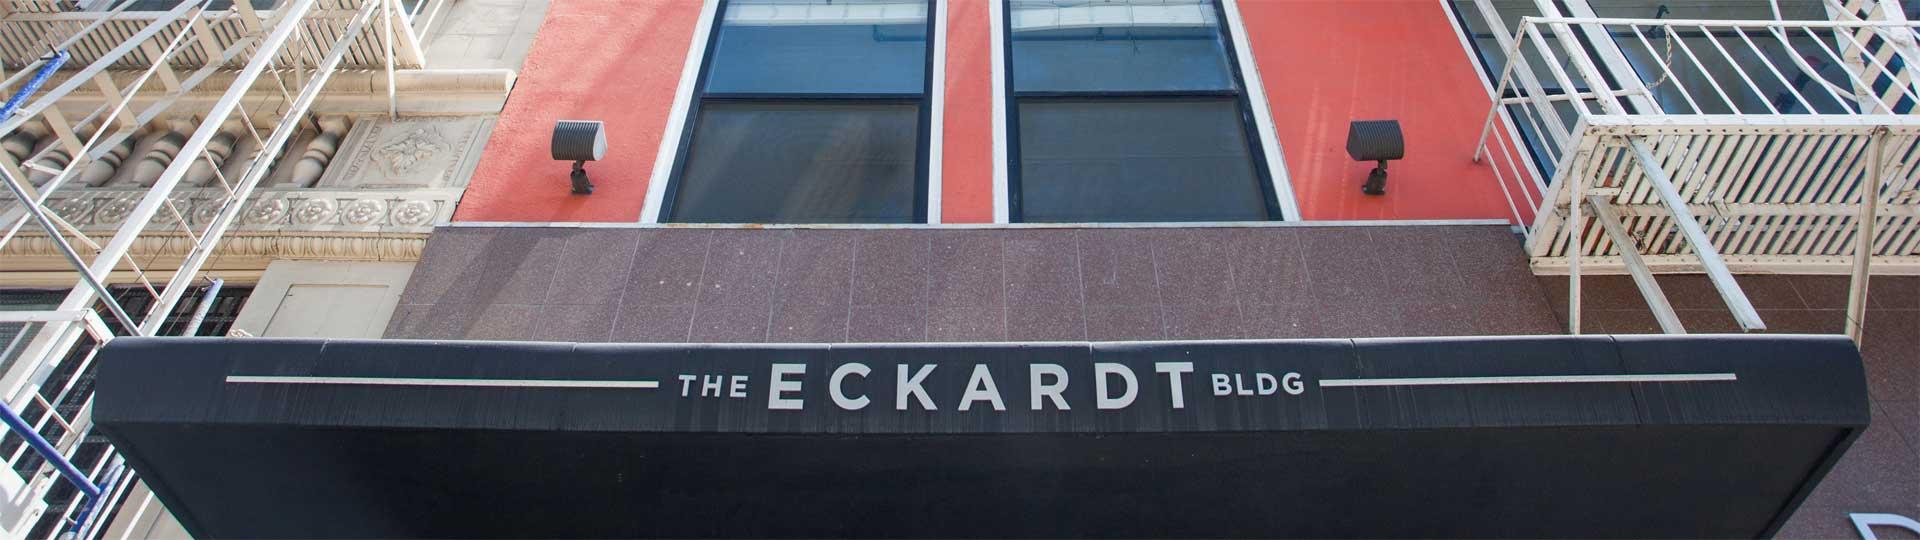 Santee Village - Eckardt Building